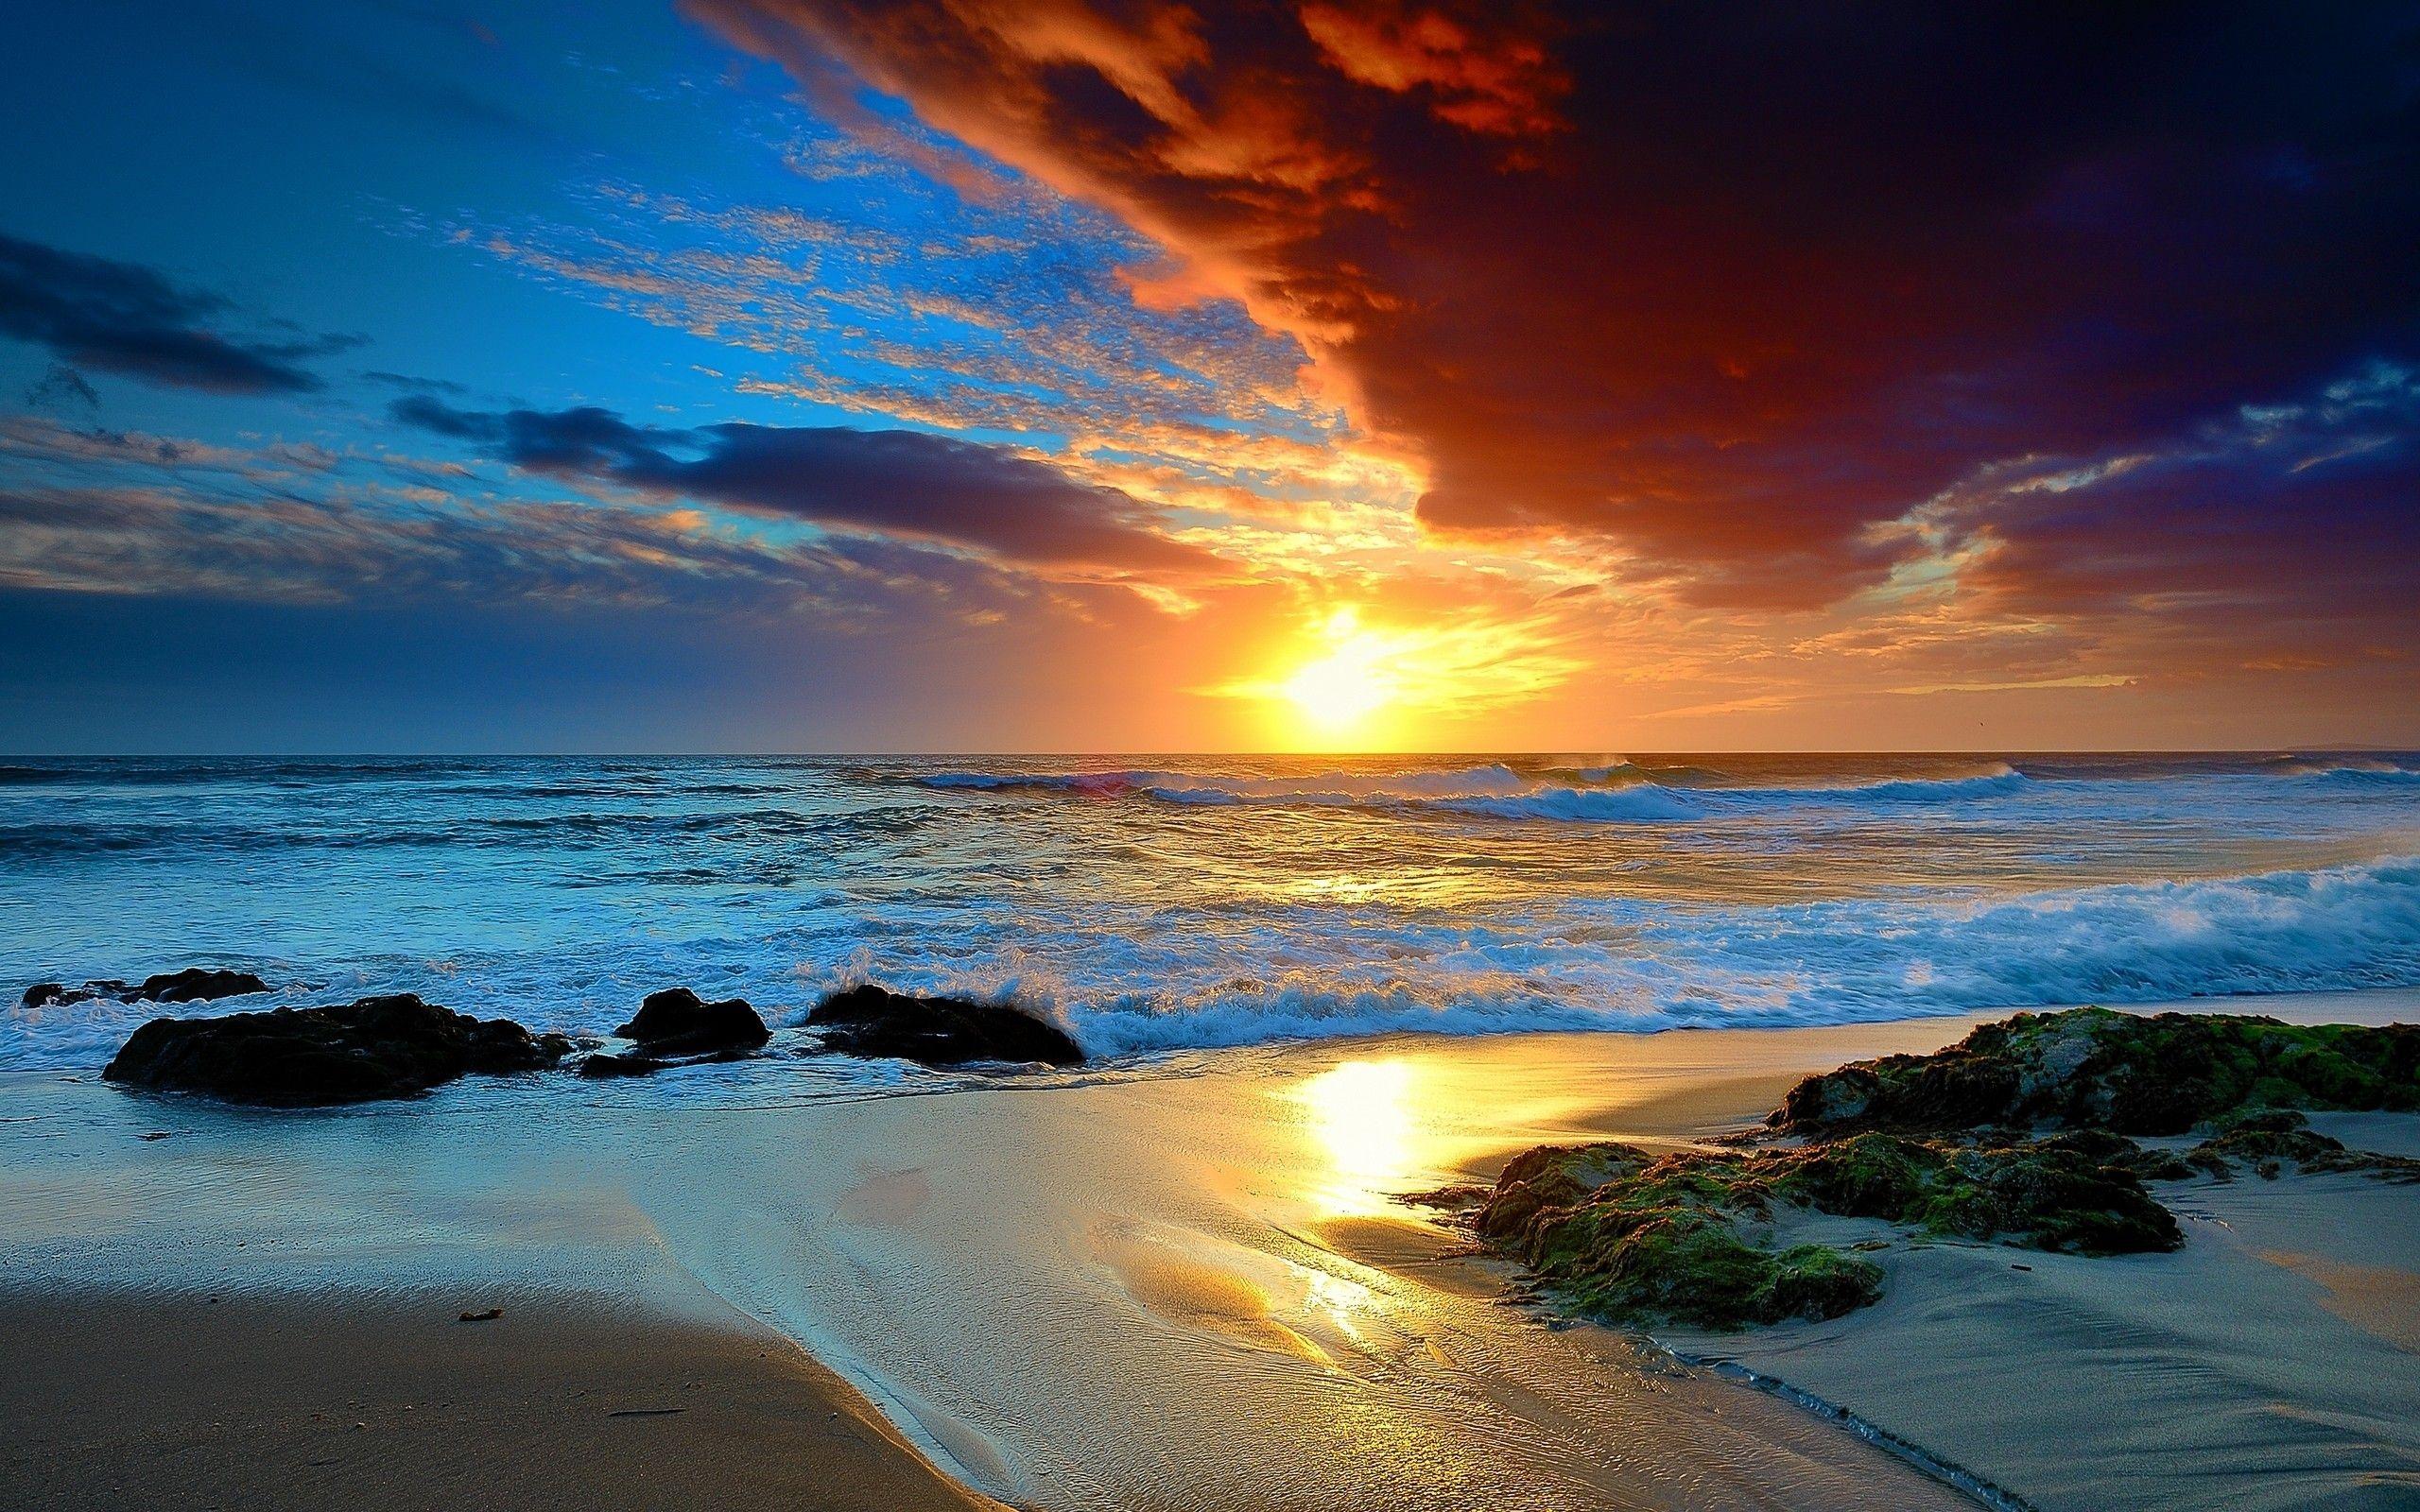 Beach Sunset UHD Wallpapers